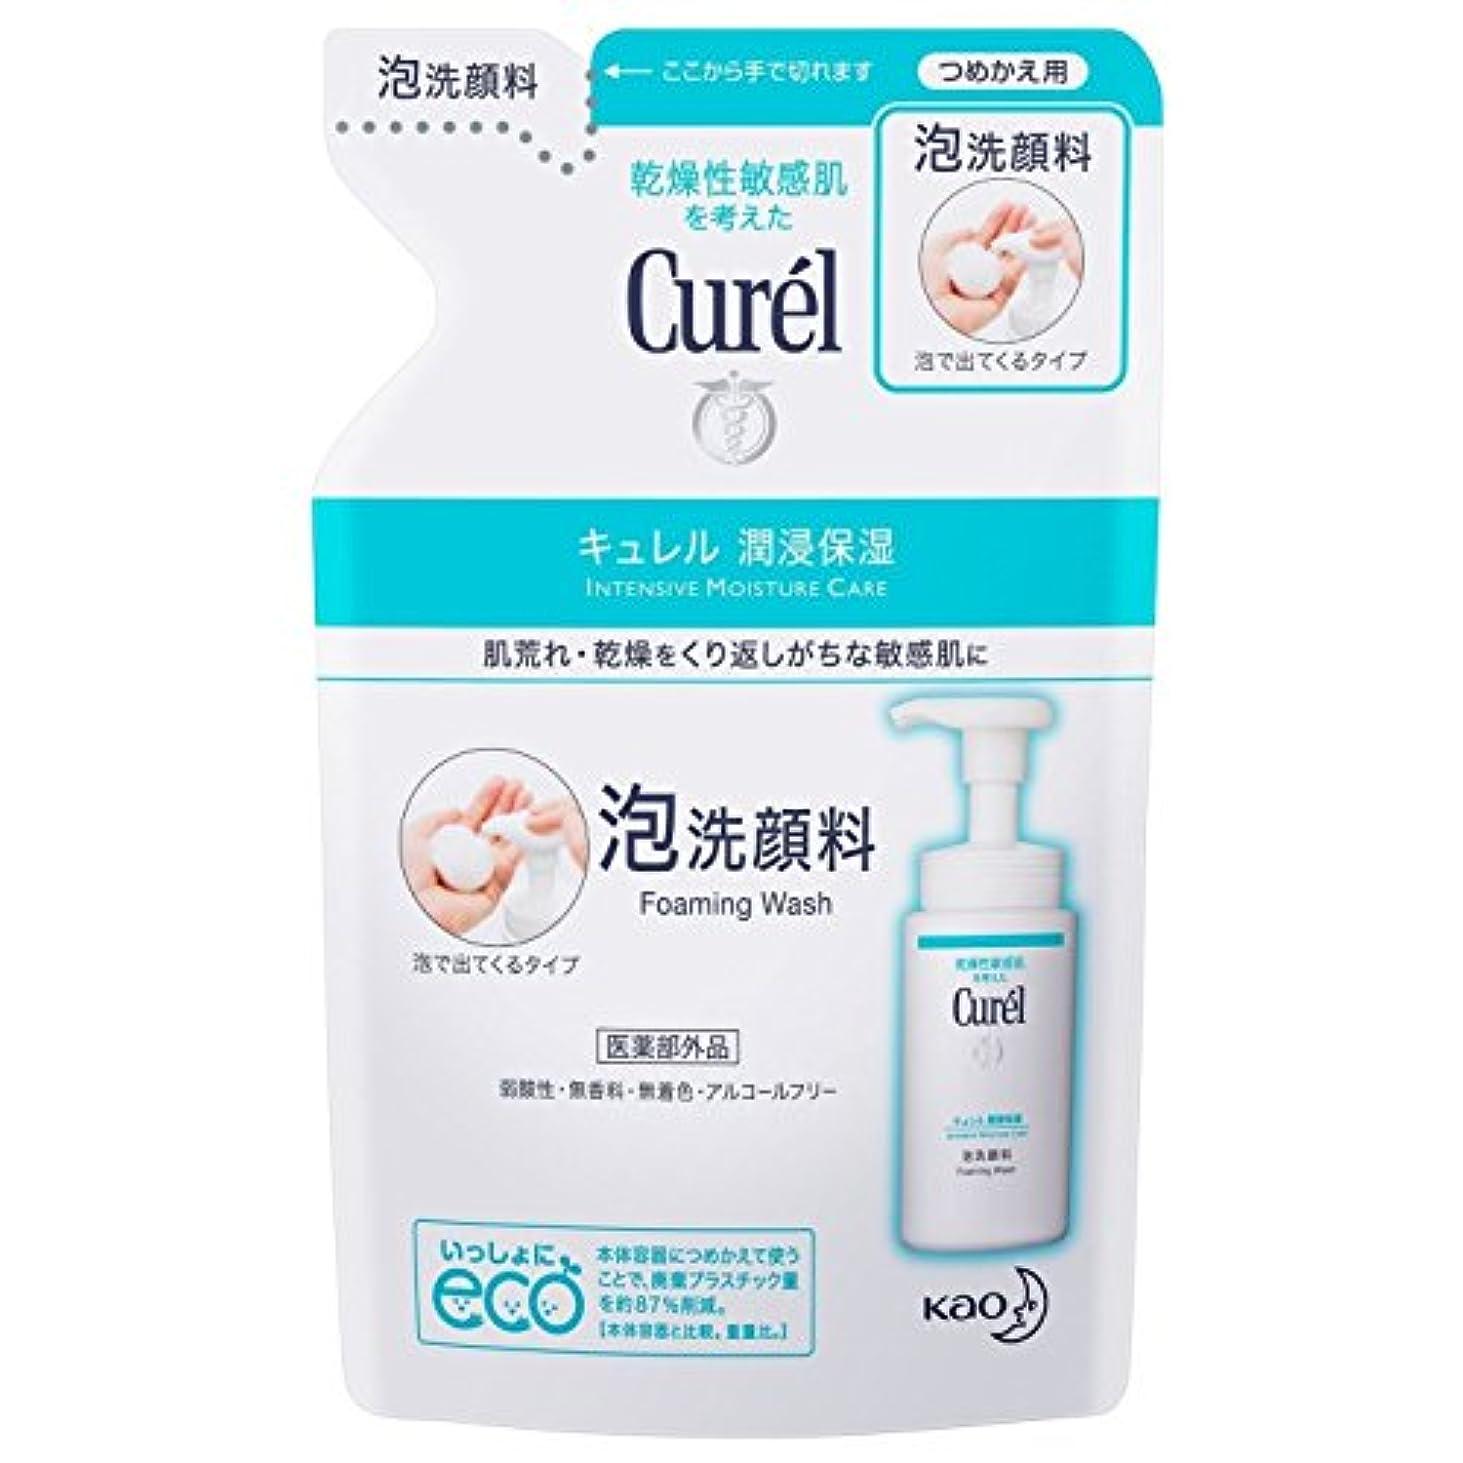 傾向がある睡眠消化器【花王】Curel(キュレル) 泡洗顔料 つめかえ用 130ml ×5個セット